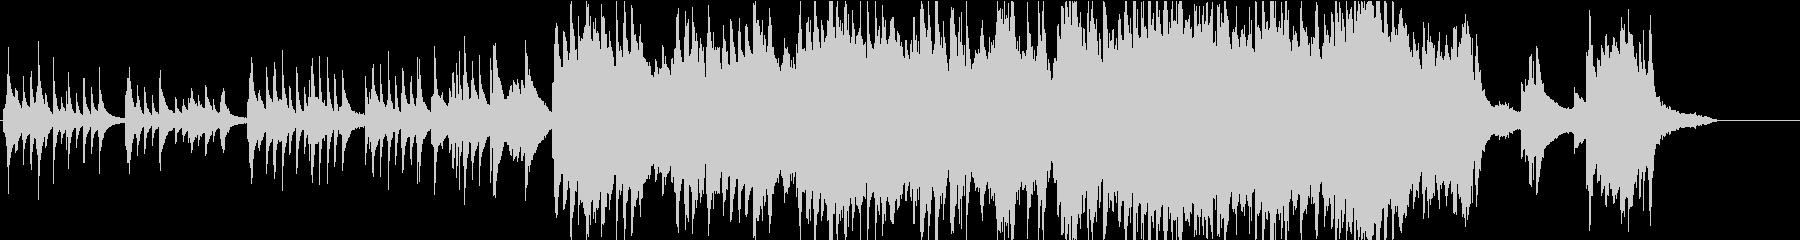 ピアノと弦のベタなやや感動BGMの未再生の波形